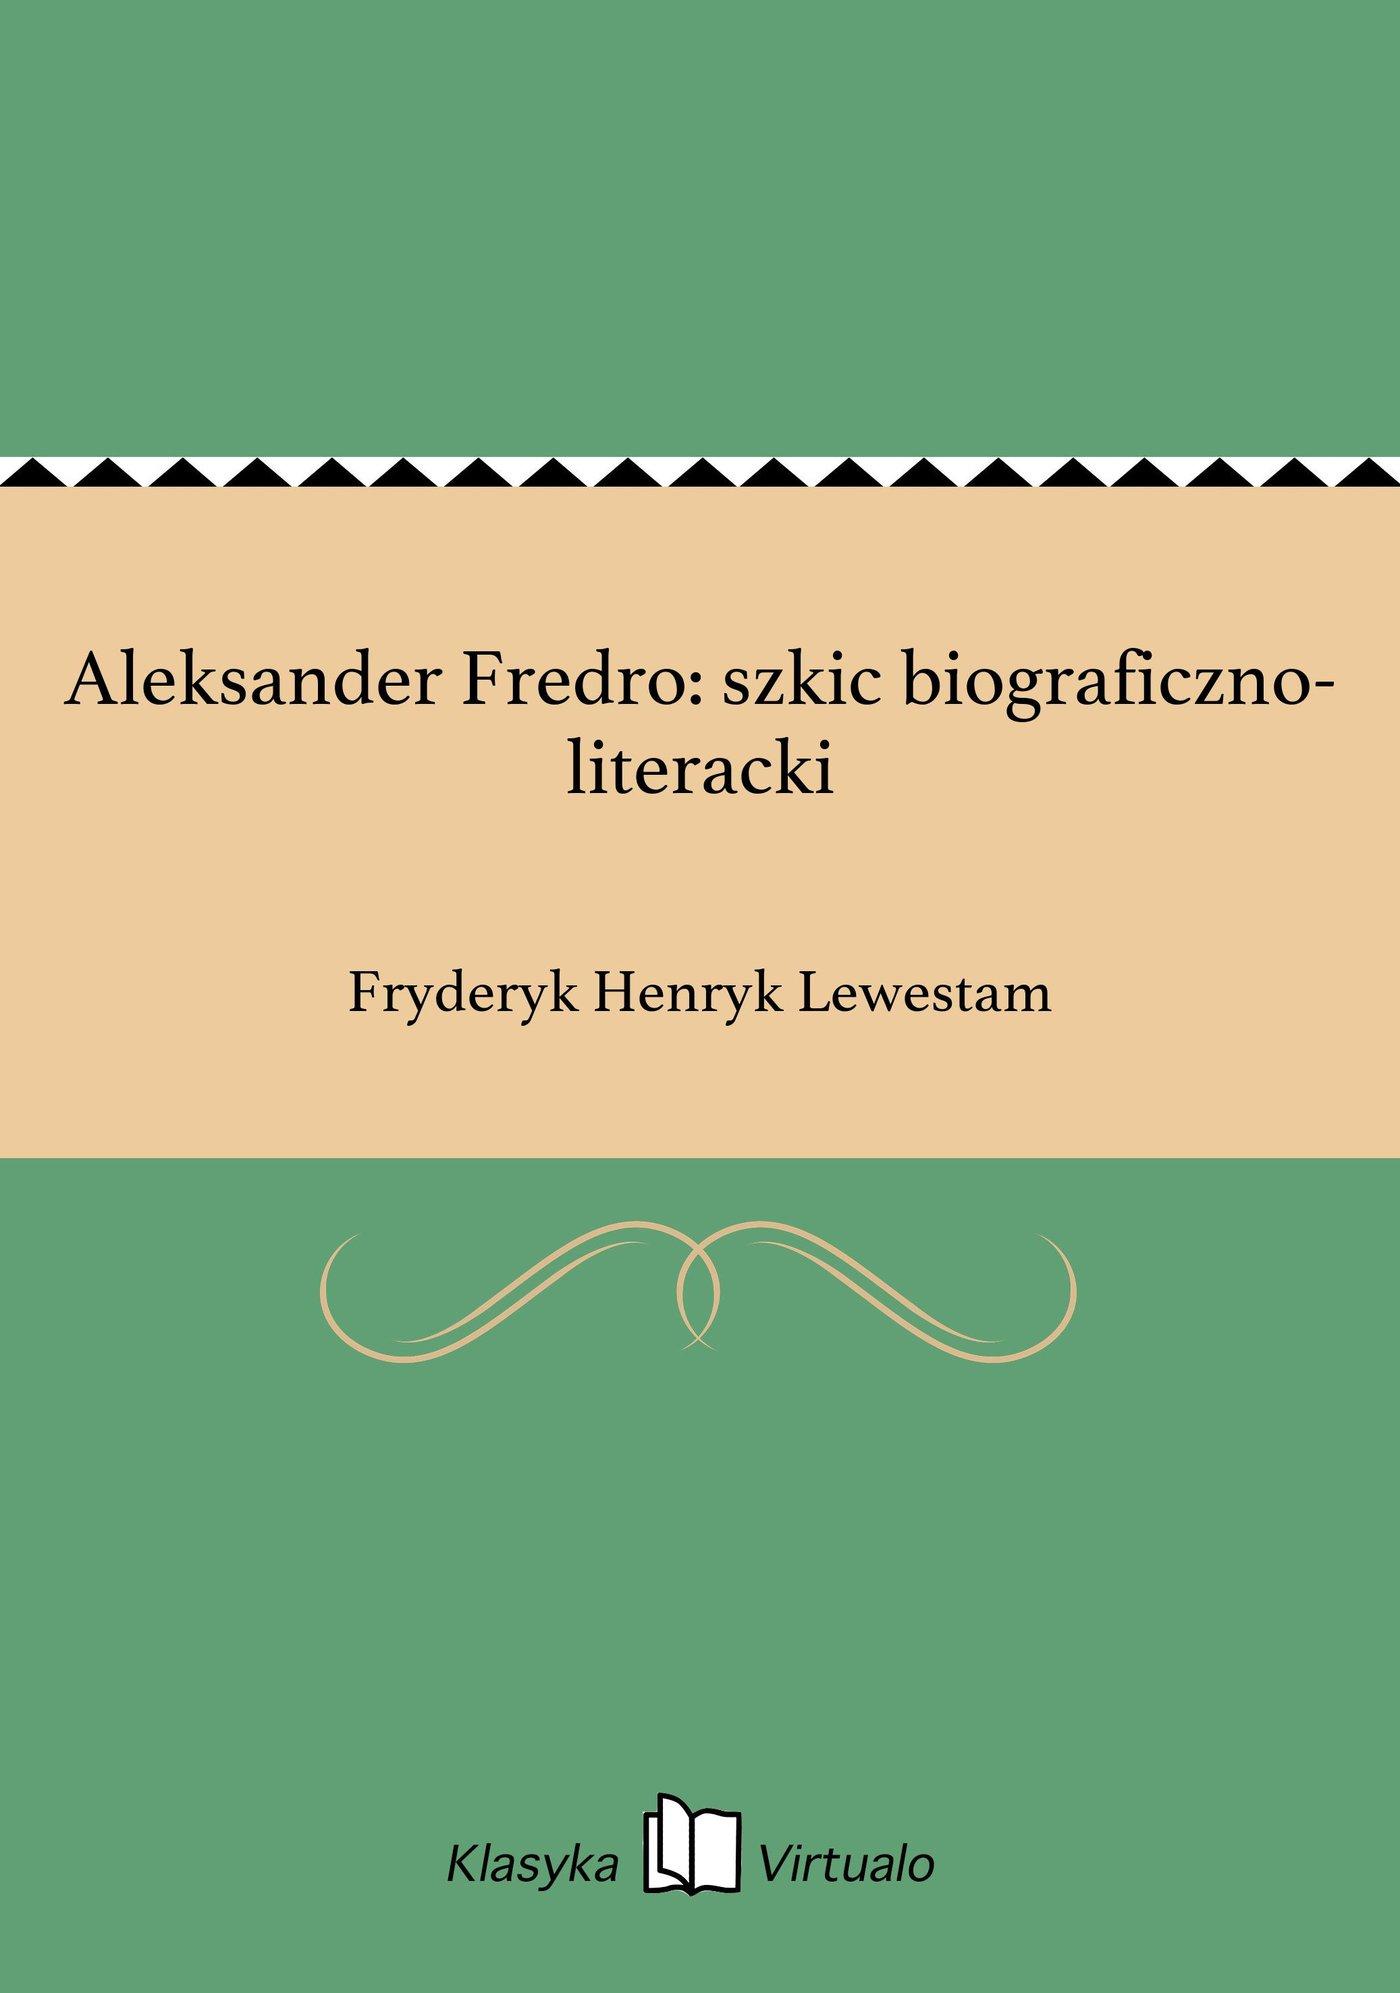 Aleksander Fredro: szkic biograficzno-literacki - Ebook (Książka EPUB) do pobrania w formacie EPUB